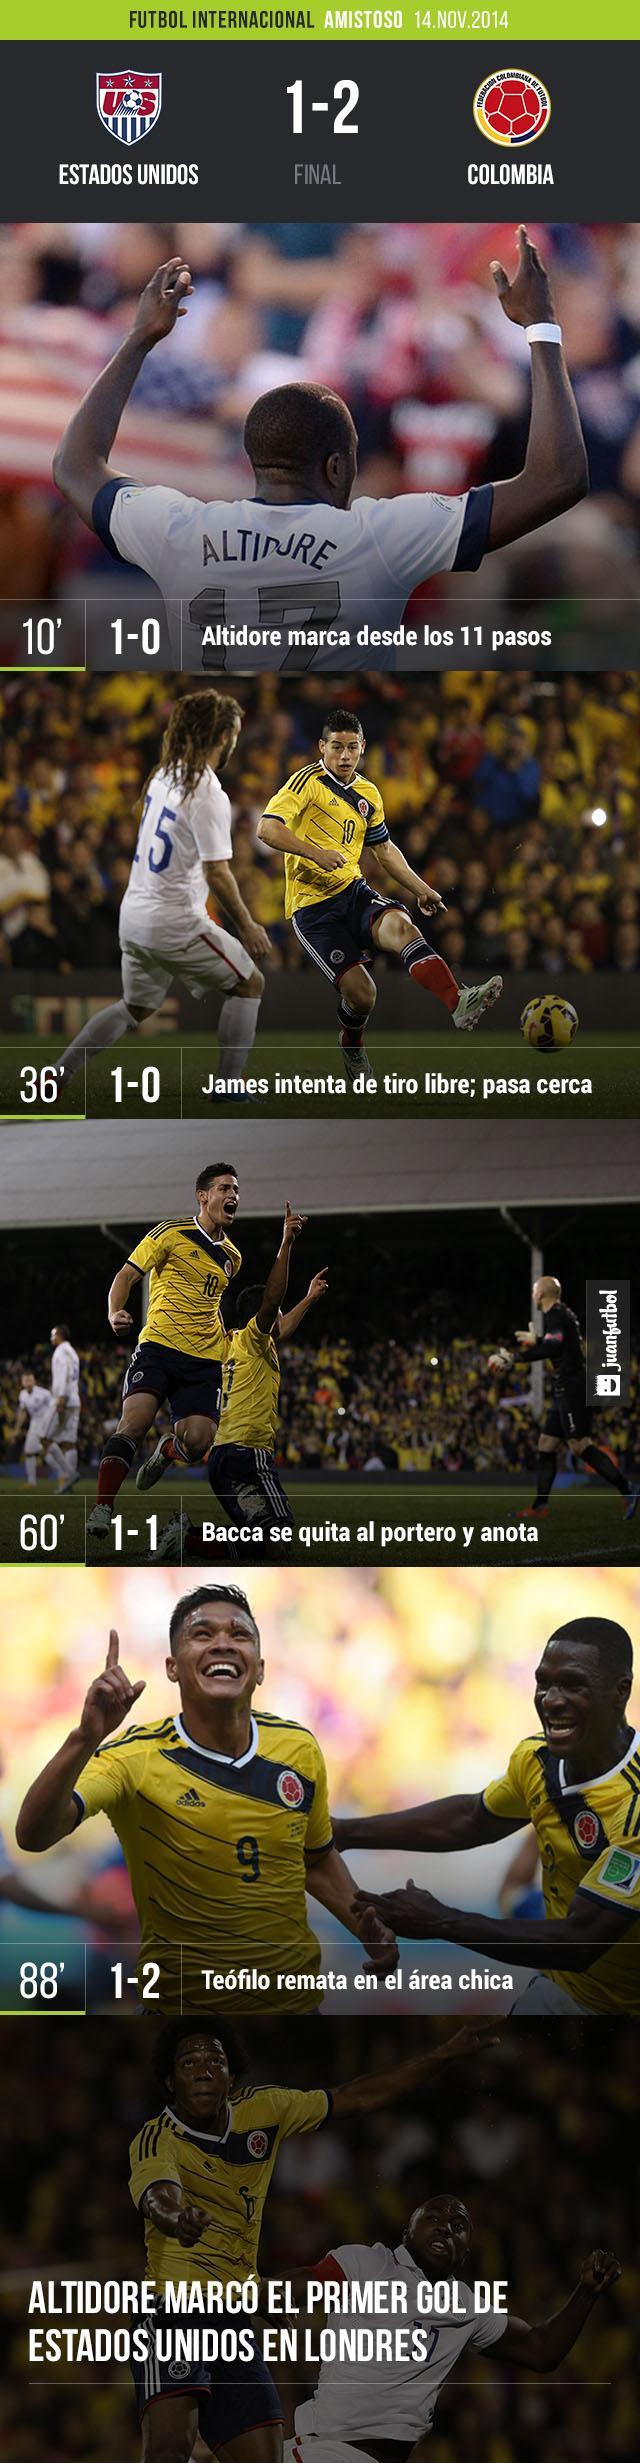 Estados Unidos empara 1-1 contra Colombia en un partido amistosos jugado en Inglaterra.